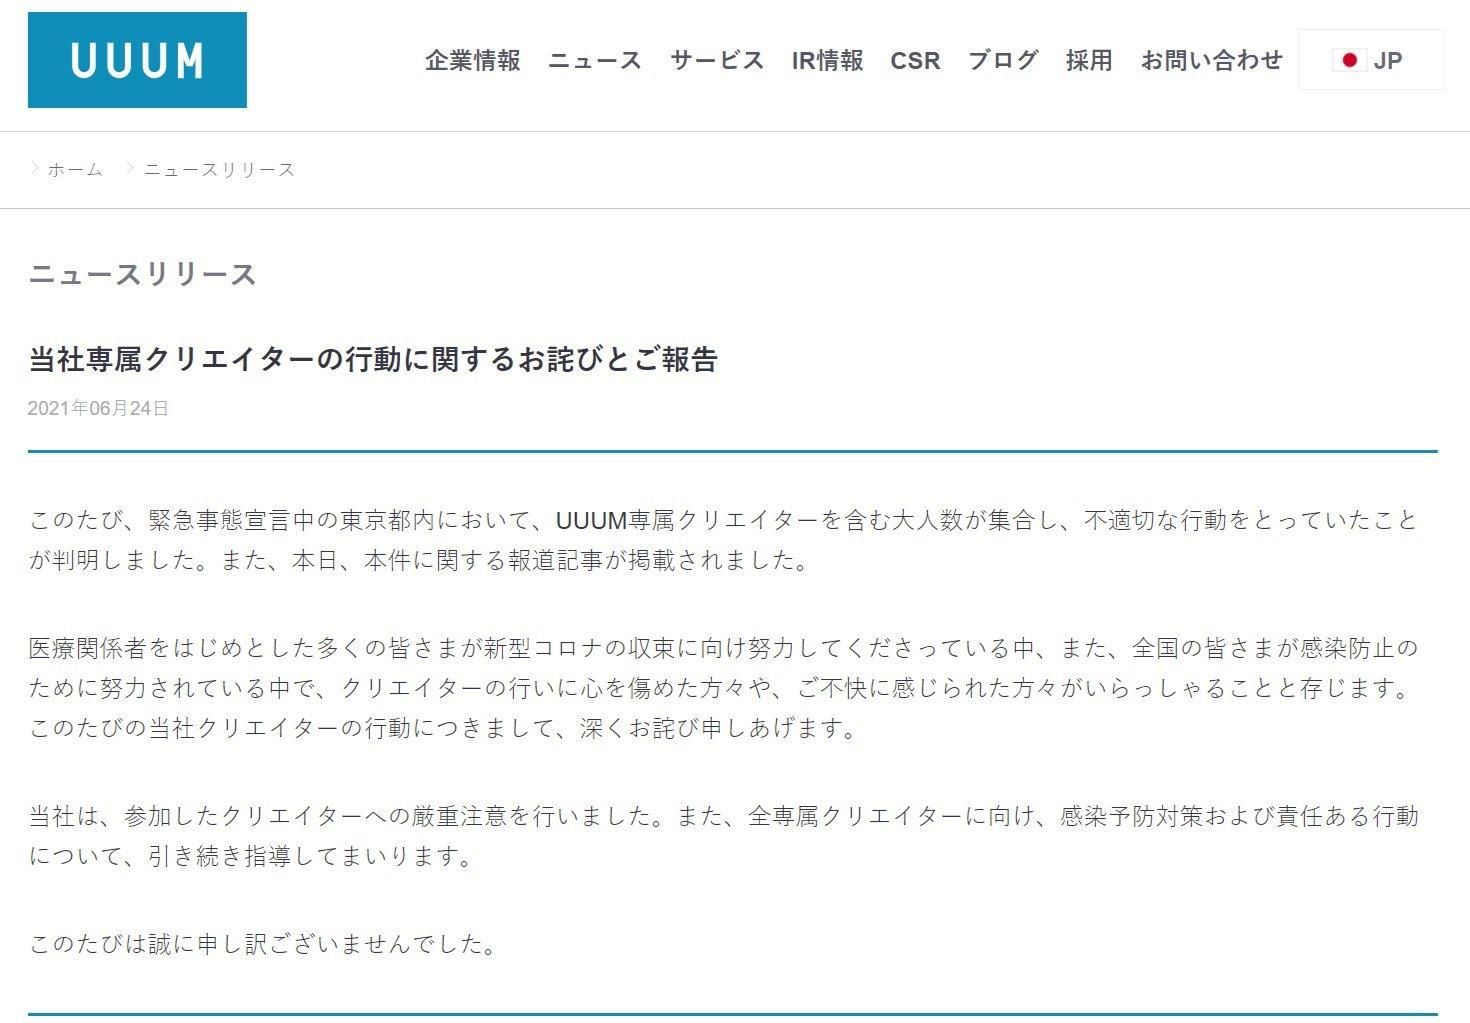 誕生 日 パーティー コロナ 小倉智昭氏 誕生日パーティーでのクラスター発生に「やったらマイナスだって分かるはず」―